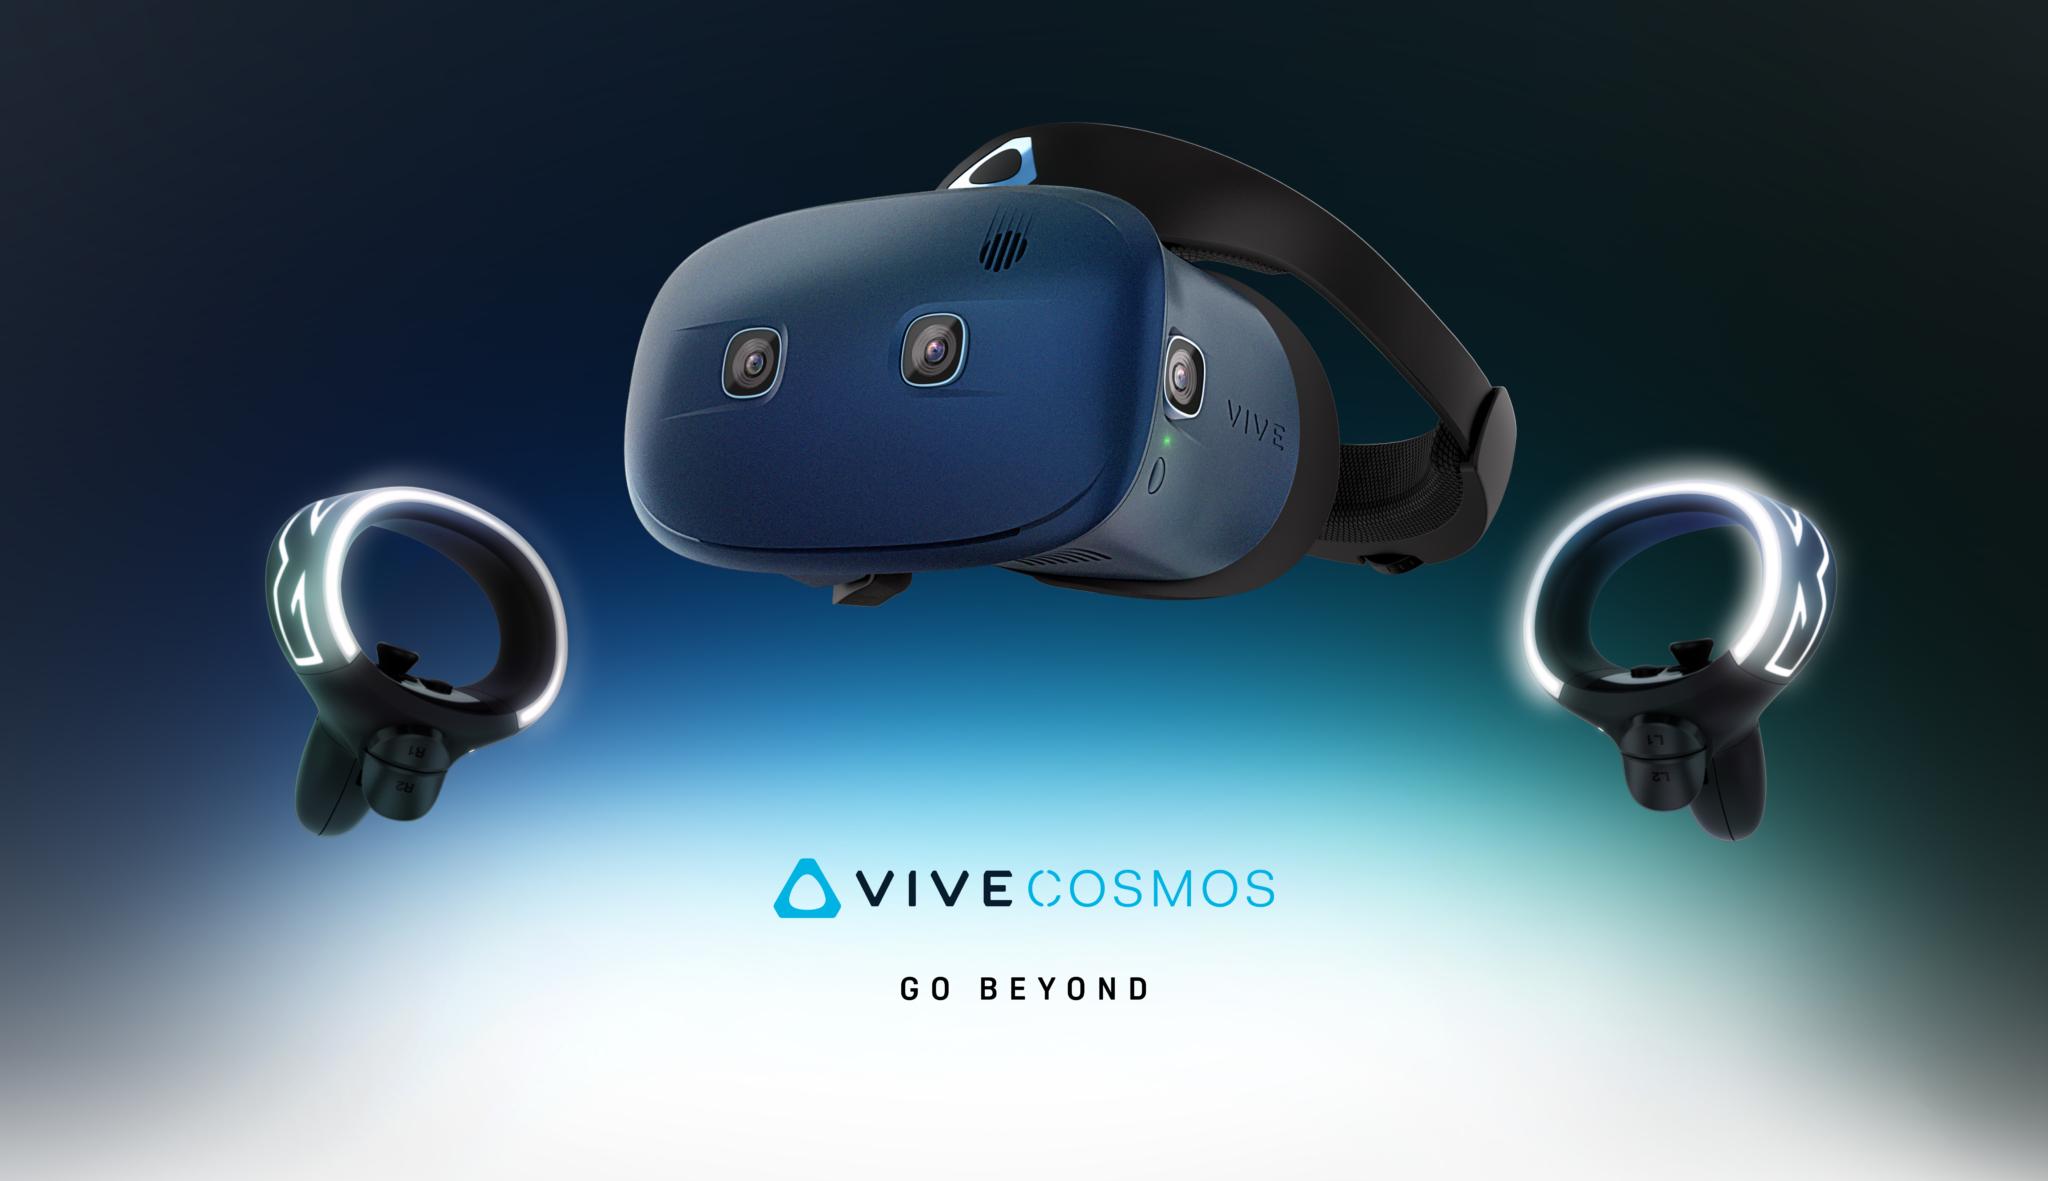 HTC představuje novinky v oblasti virtuální reality [CES]